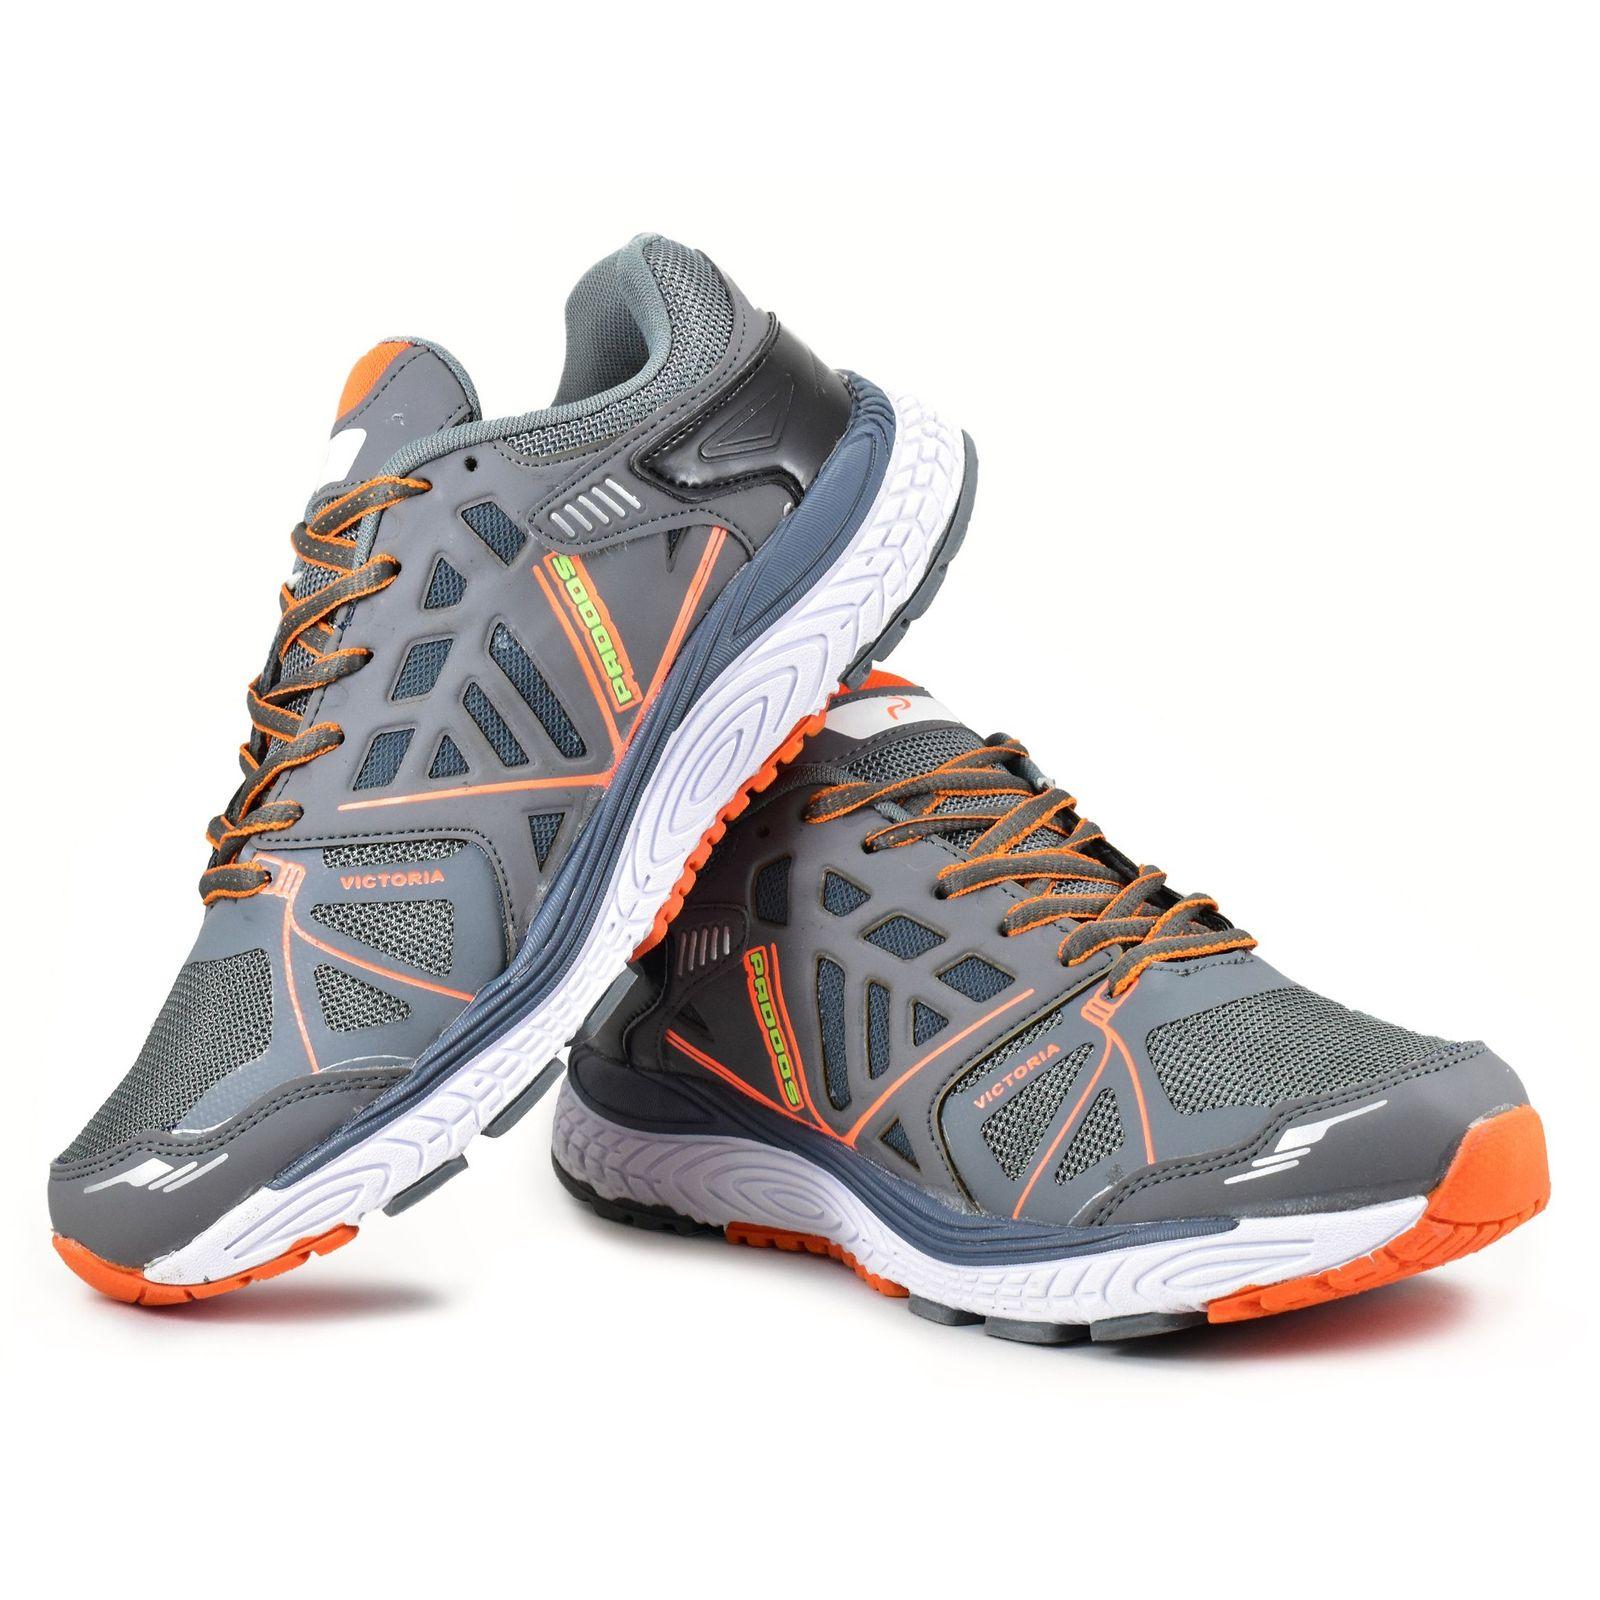 کفش مخصوص پیاده روی مردانه پادوس مدل لوییس کد 4788 main 1 4